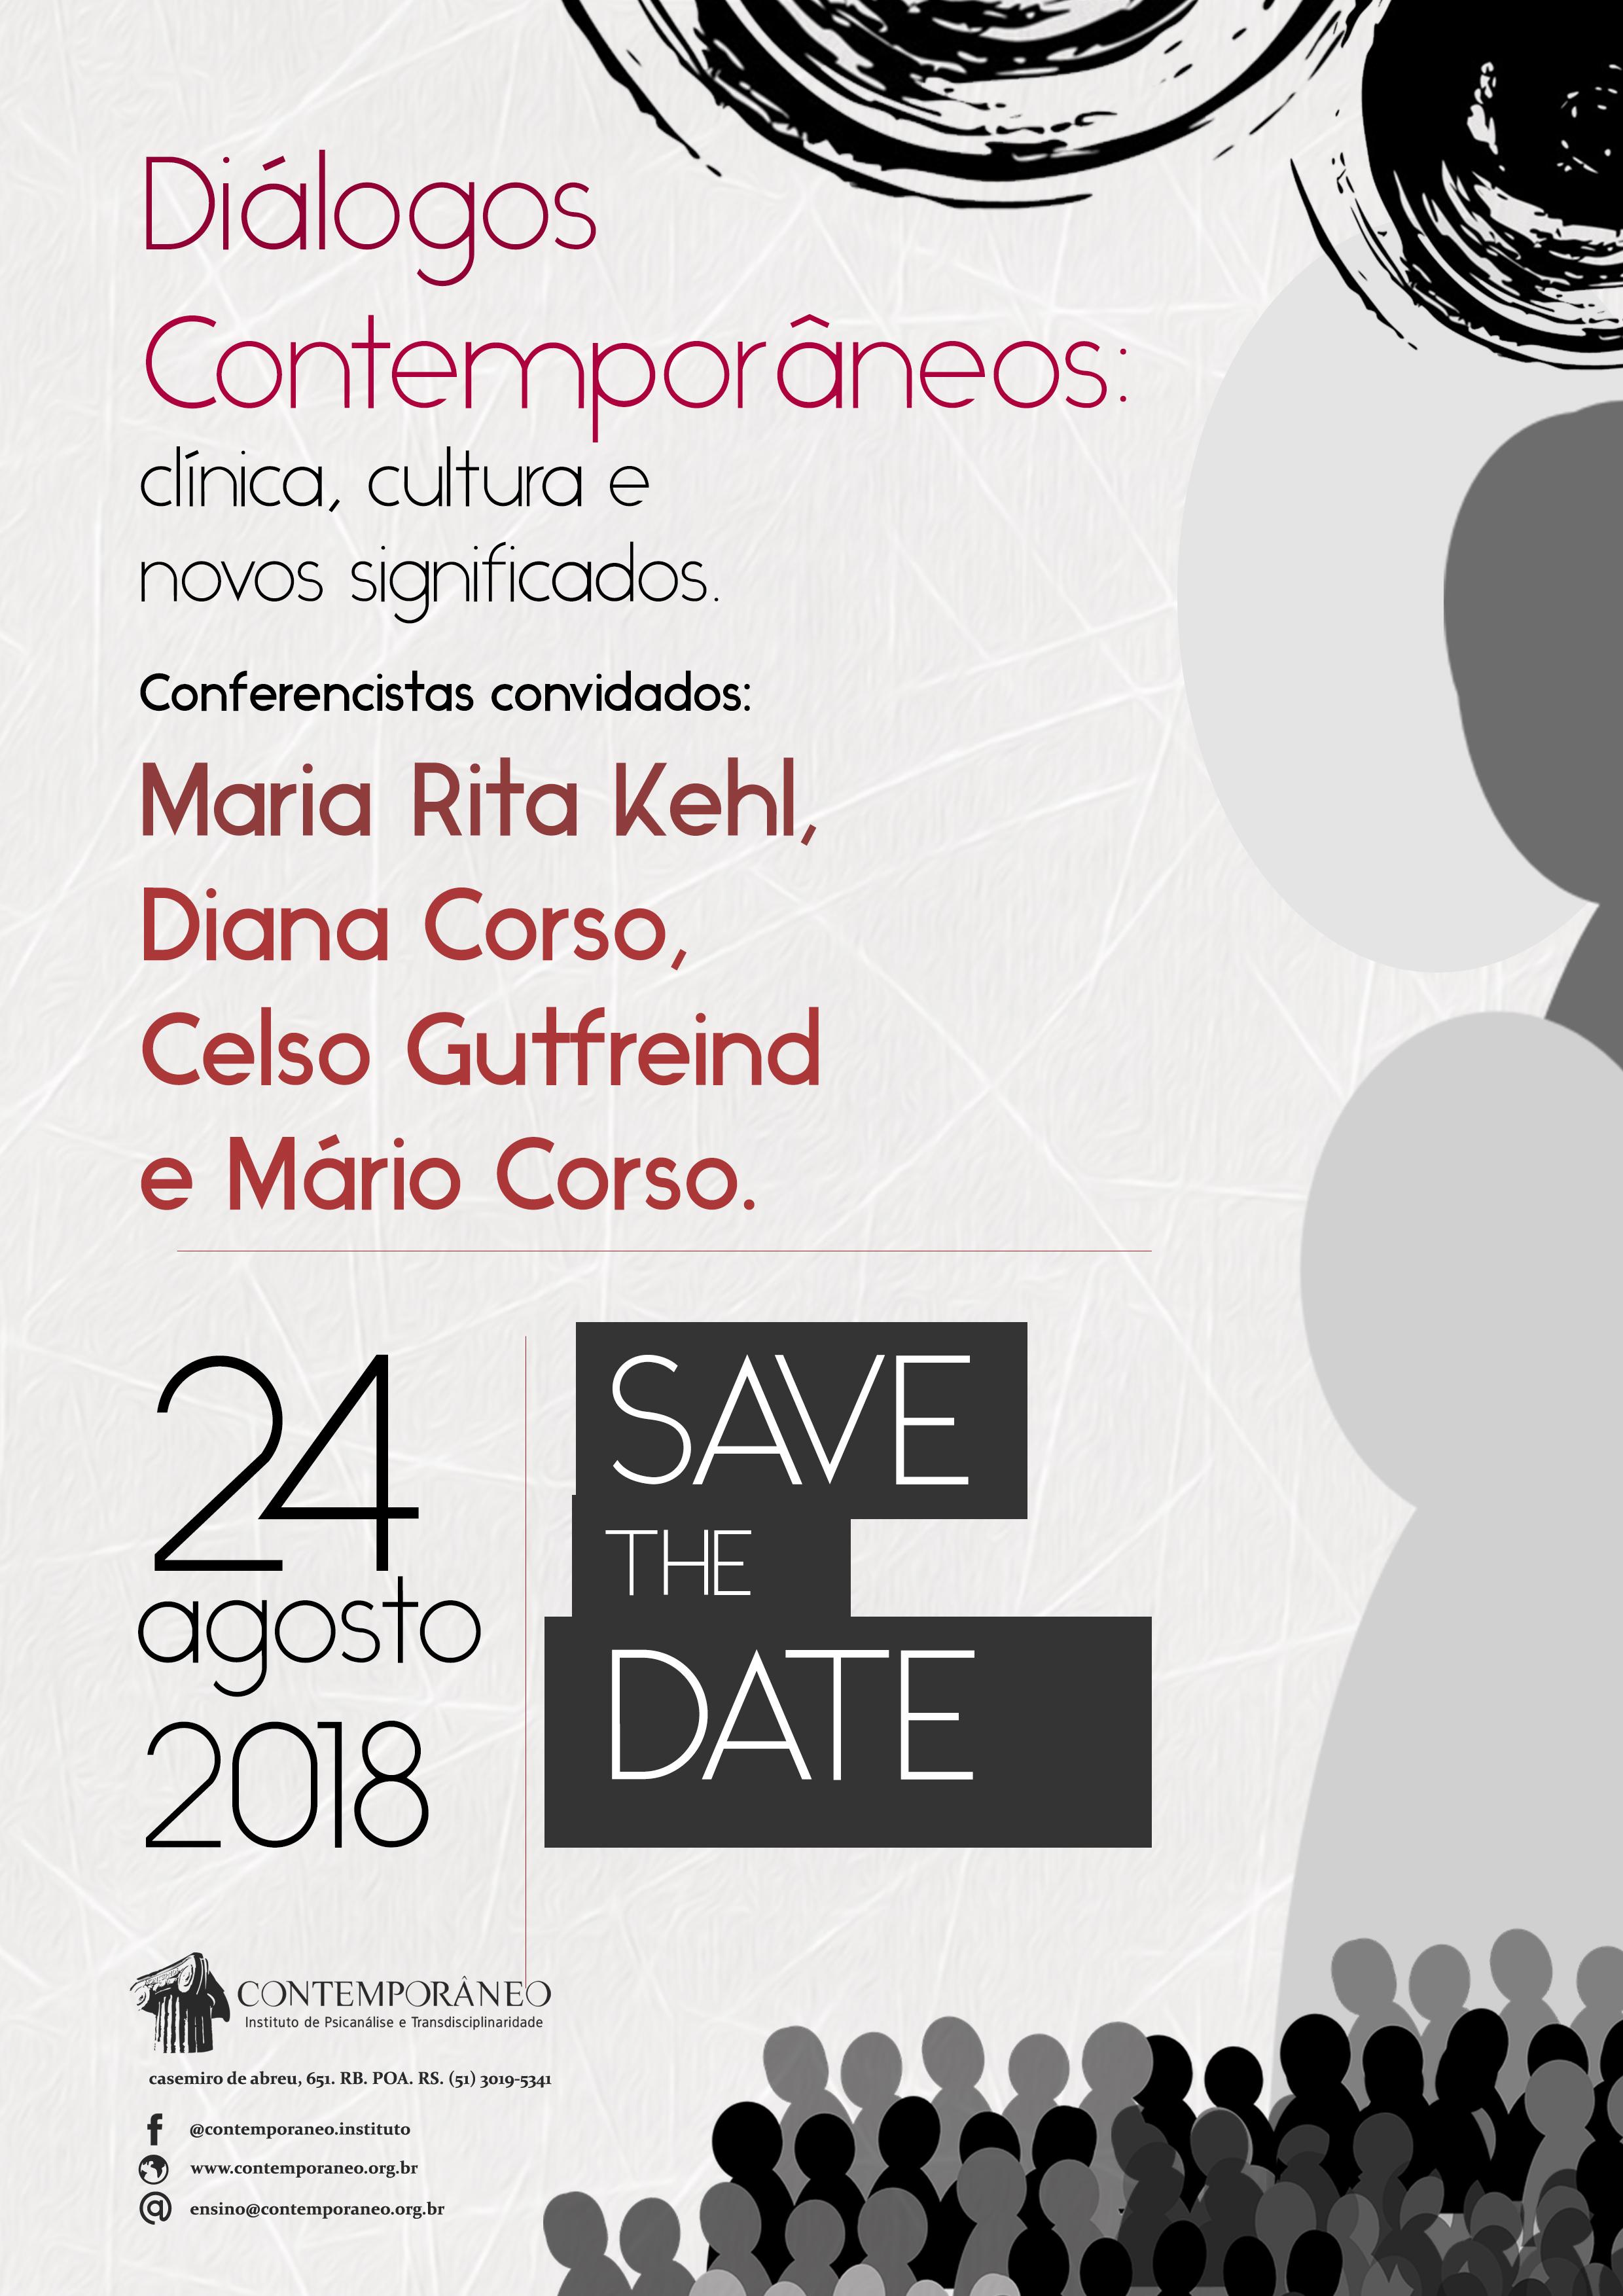 Curso para Jornada 2018 Diálogos Contemporâneos - Estudantes